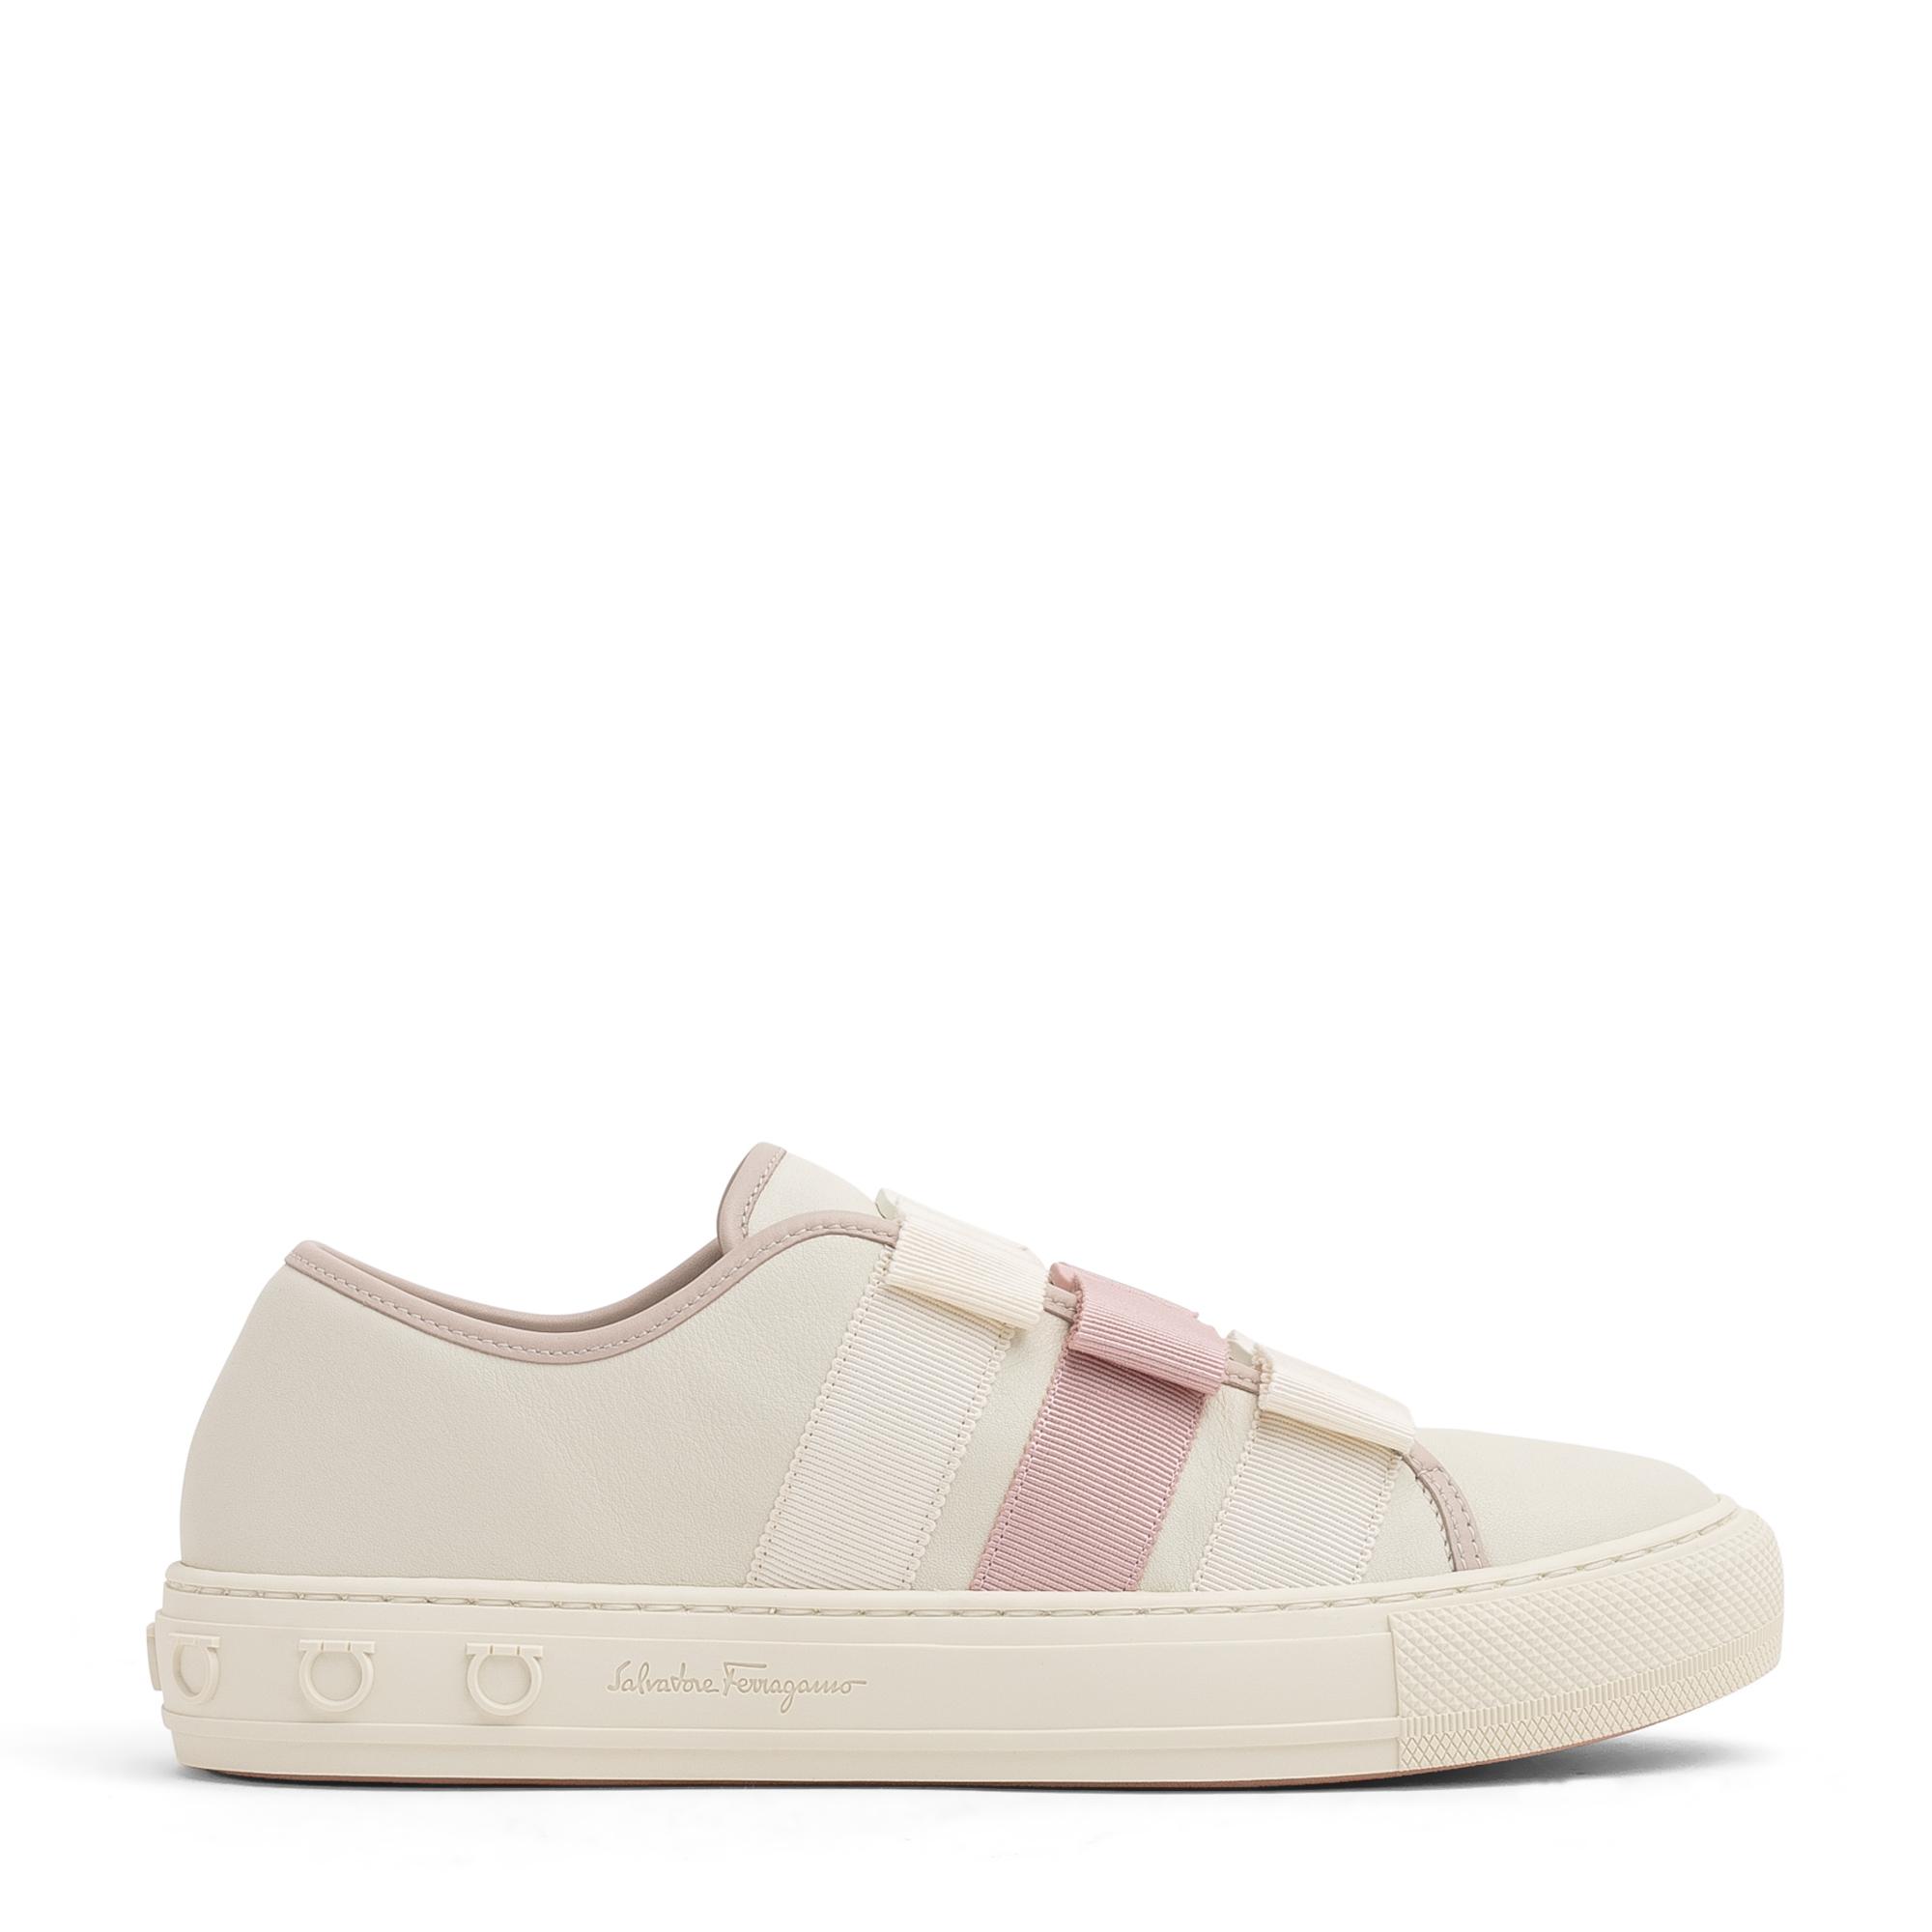 Vara bow sneakers